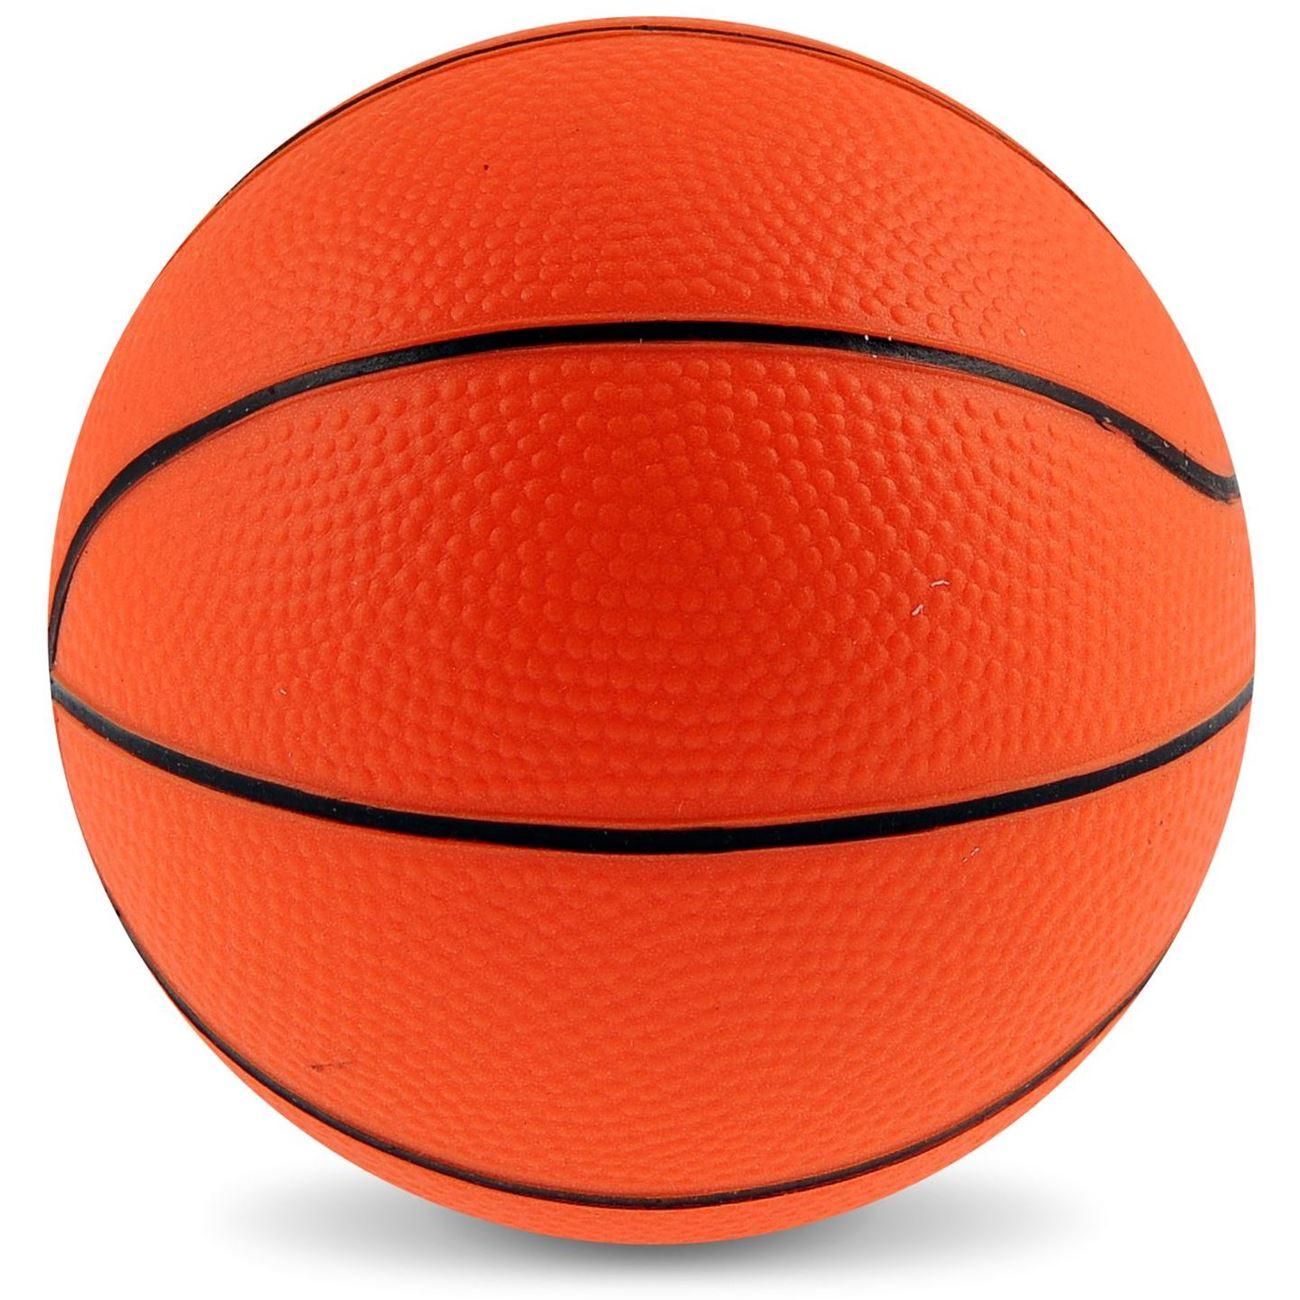 Μπάλα Μπάσκετ 10.6 cm   Μπάλες Basket Παιδικές Size 1 f16ed3d3dff